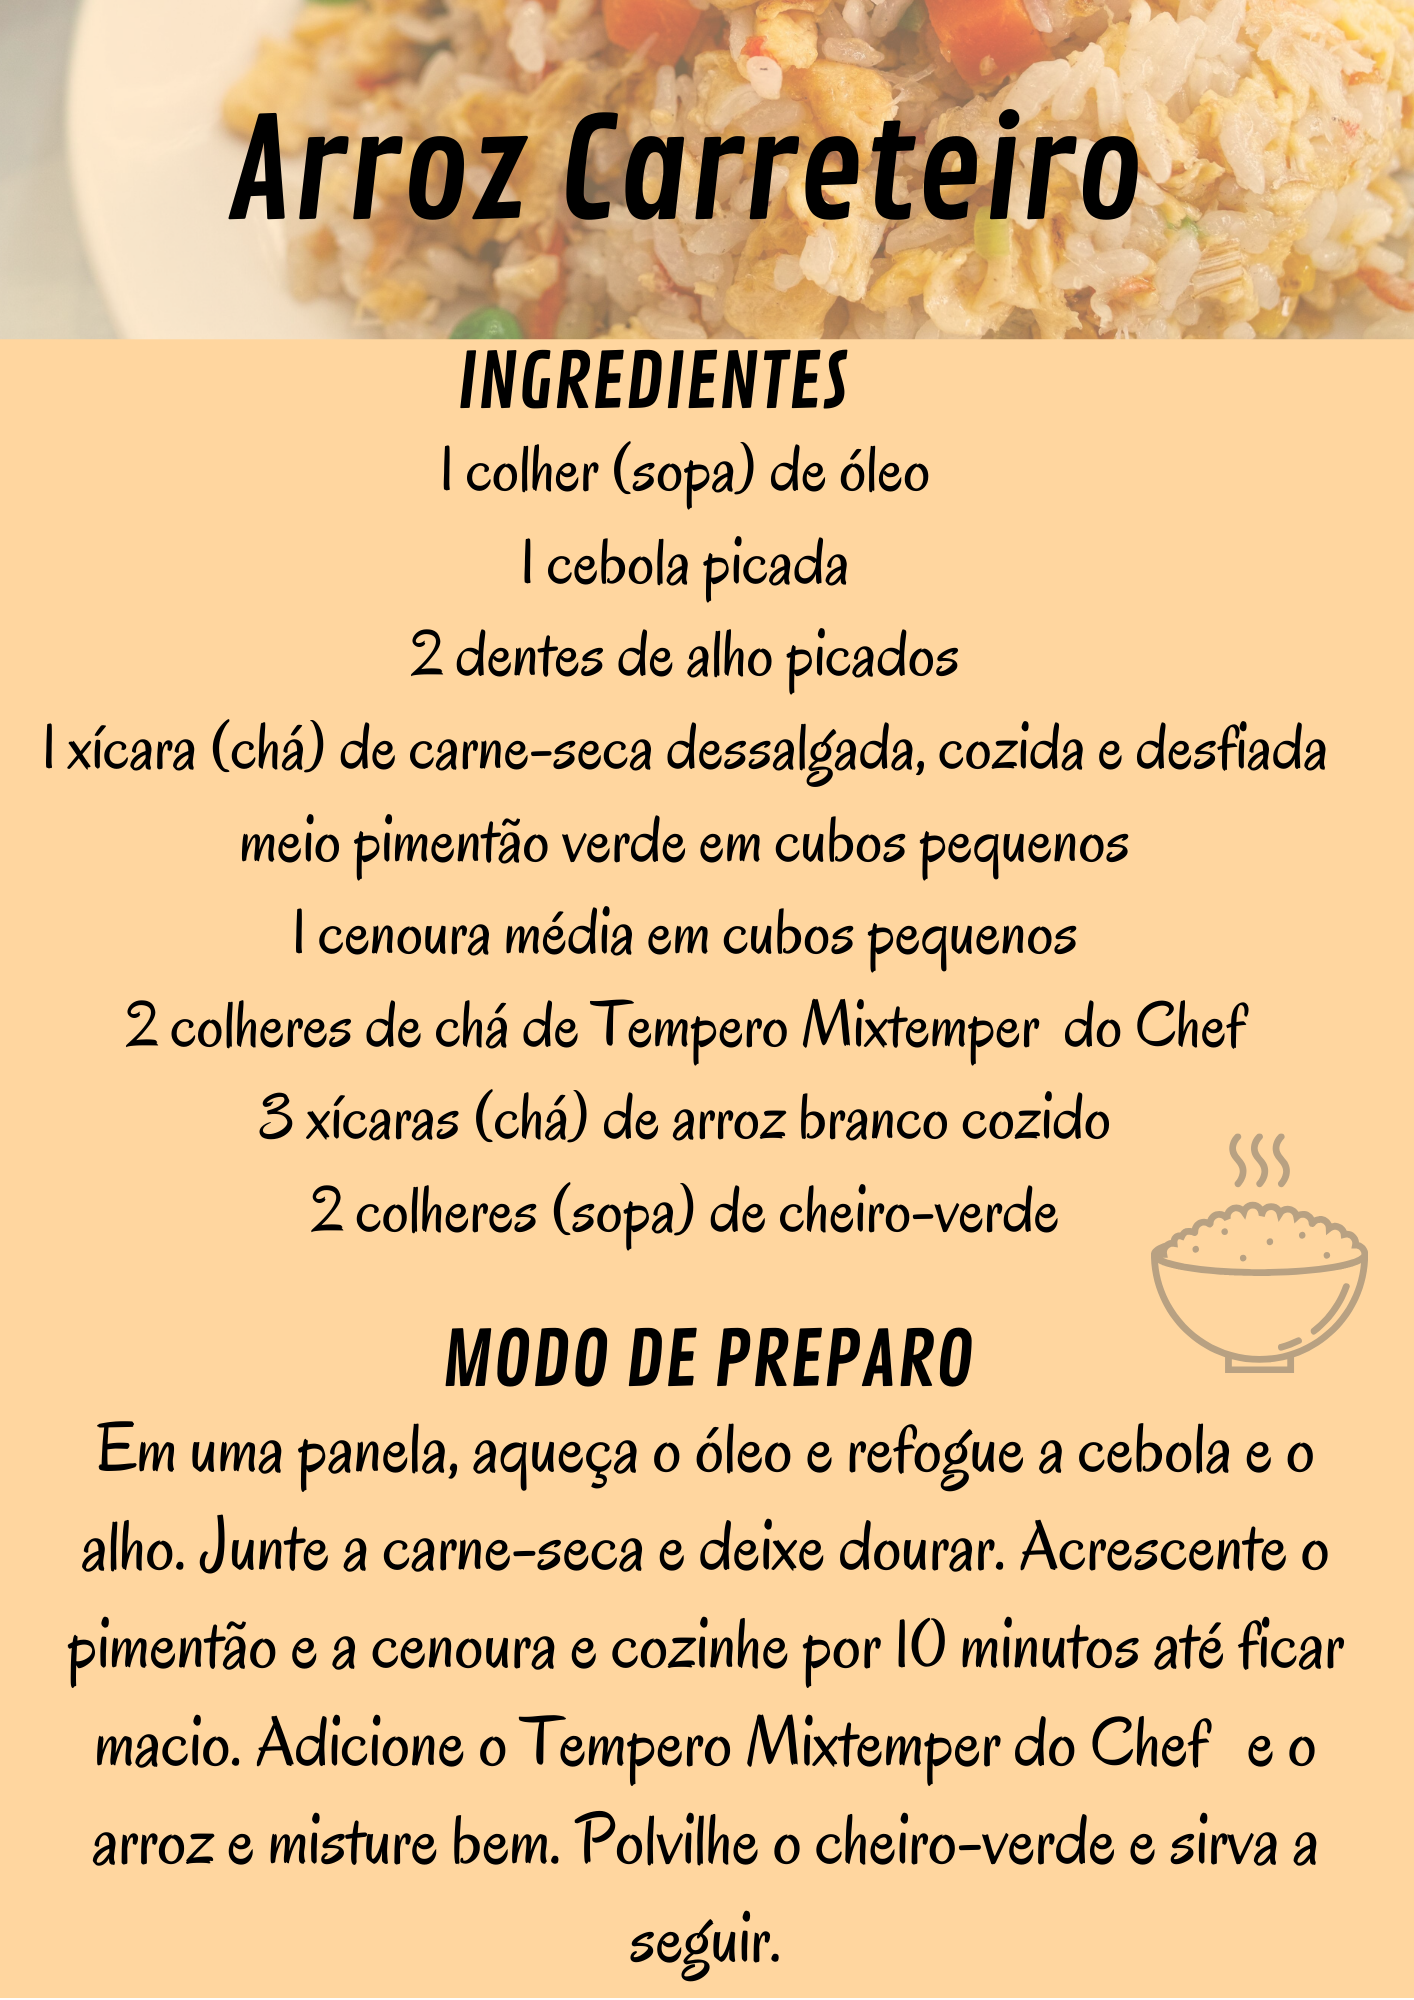 arroz-carreteiro-2